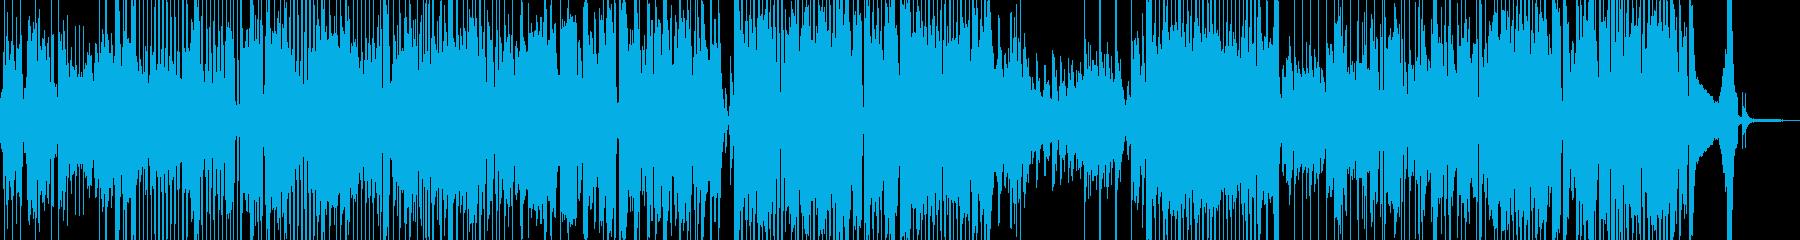 明るく前向きな気持ちになるジャズ 短尺の再生済みの波形